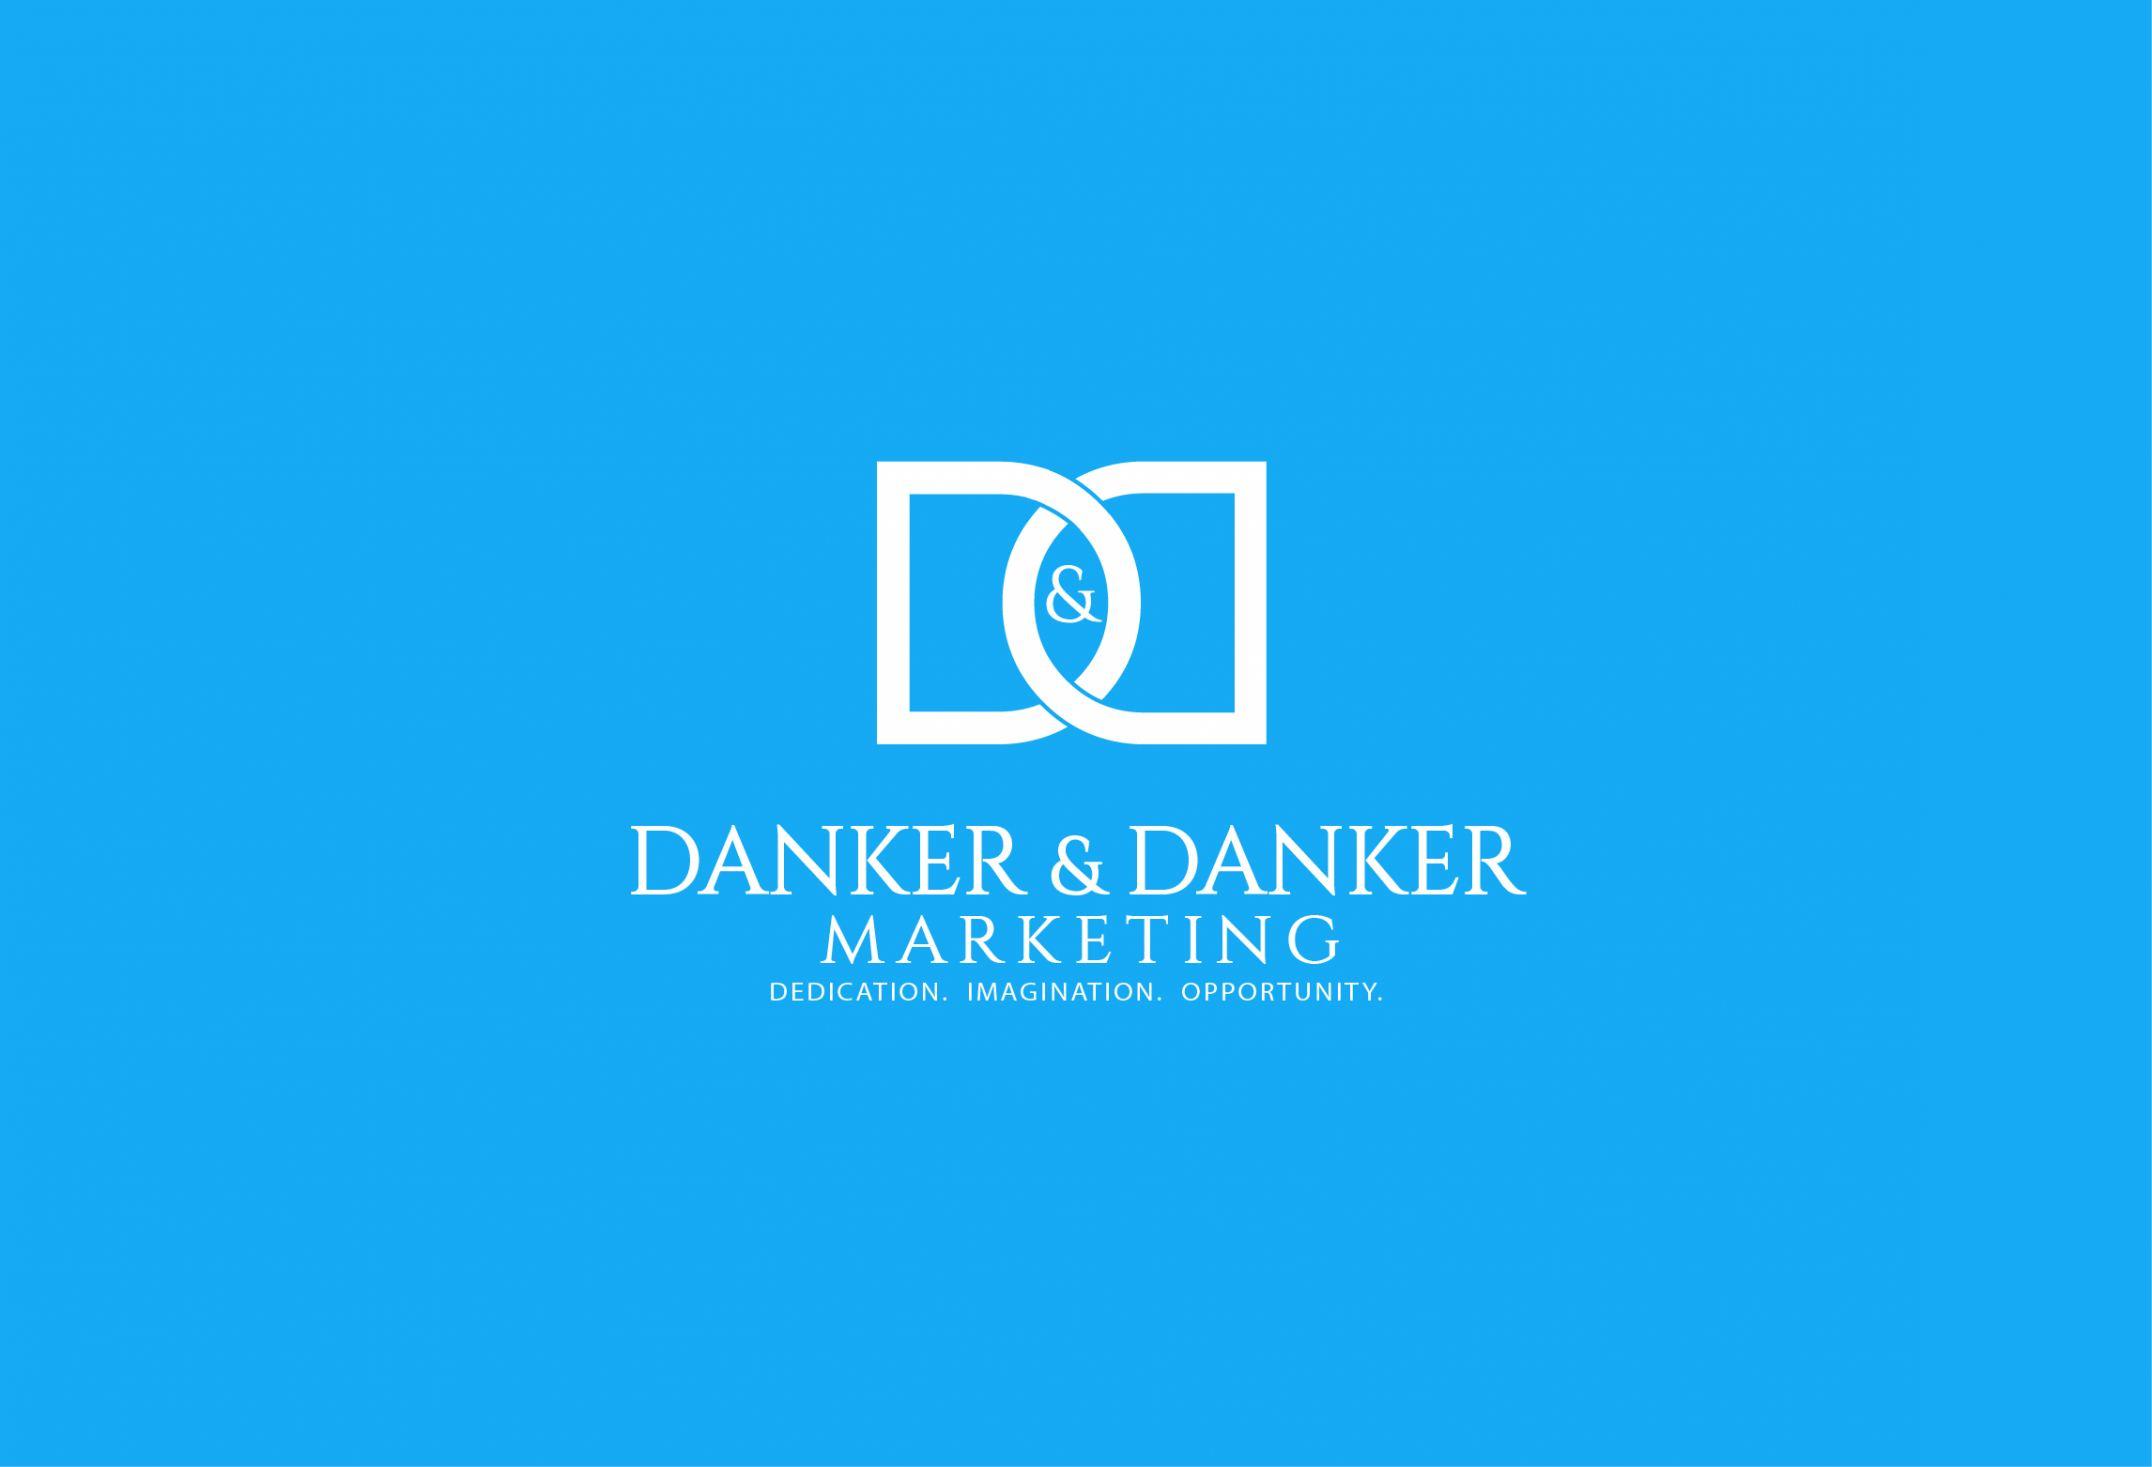 ddanker Logo